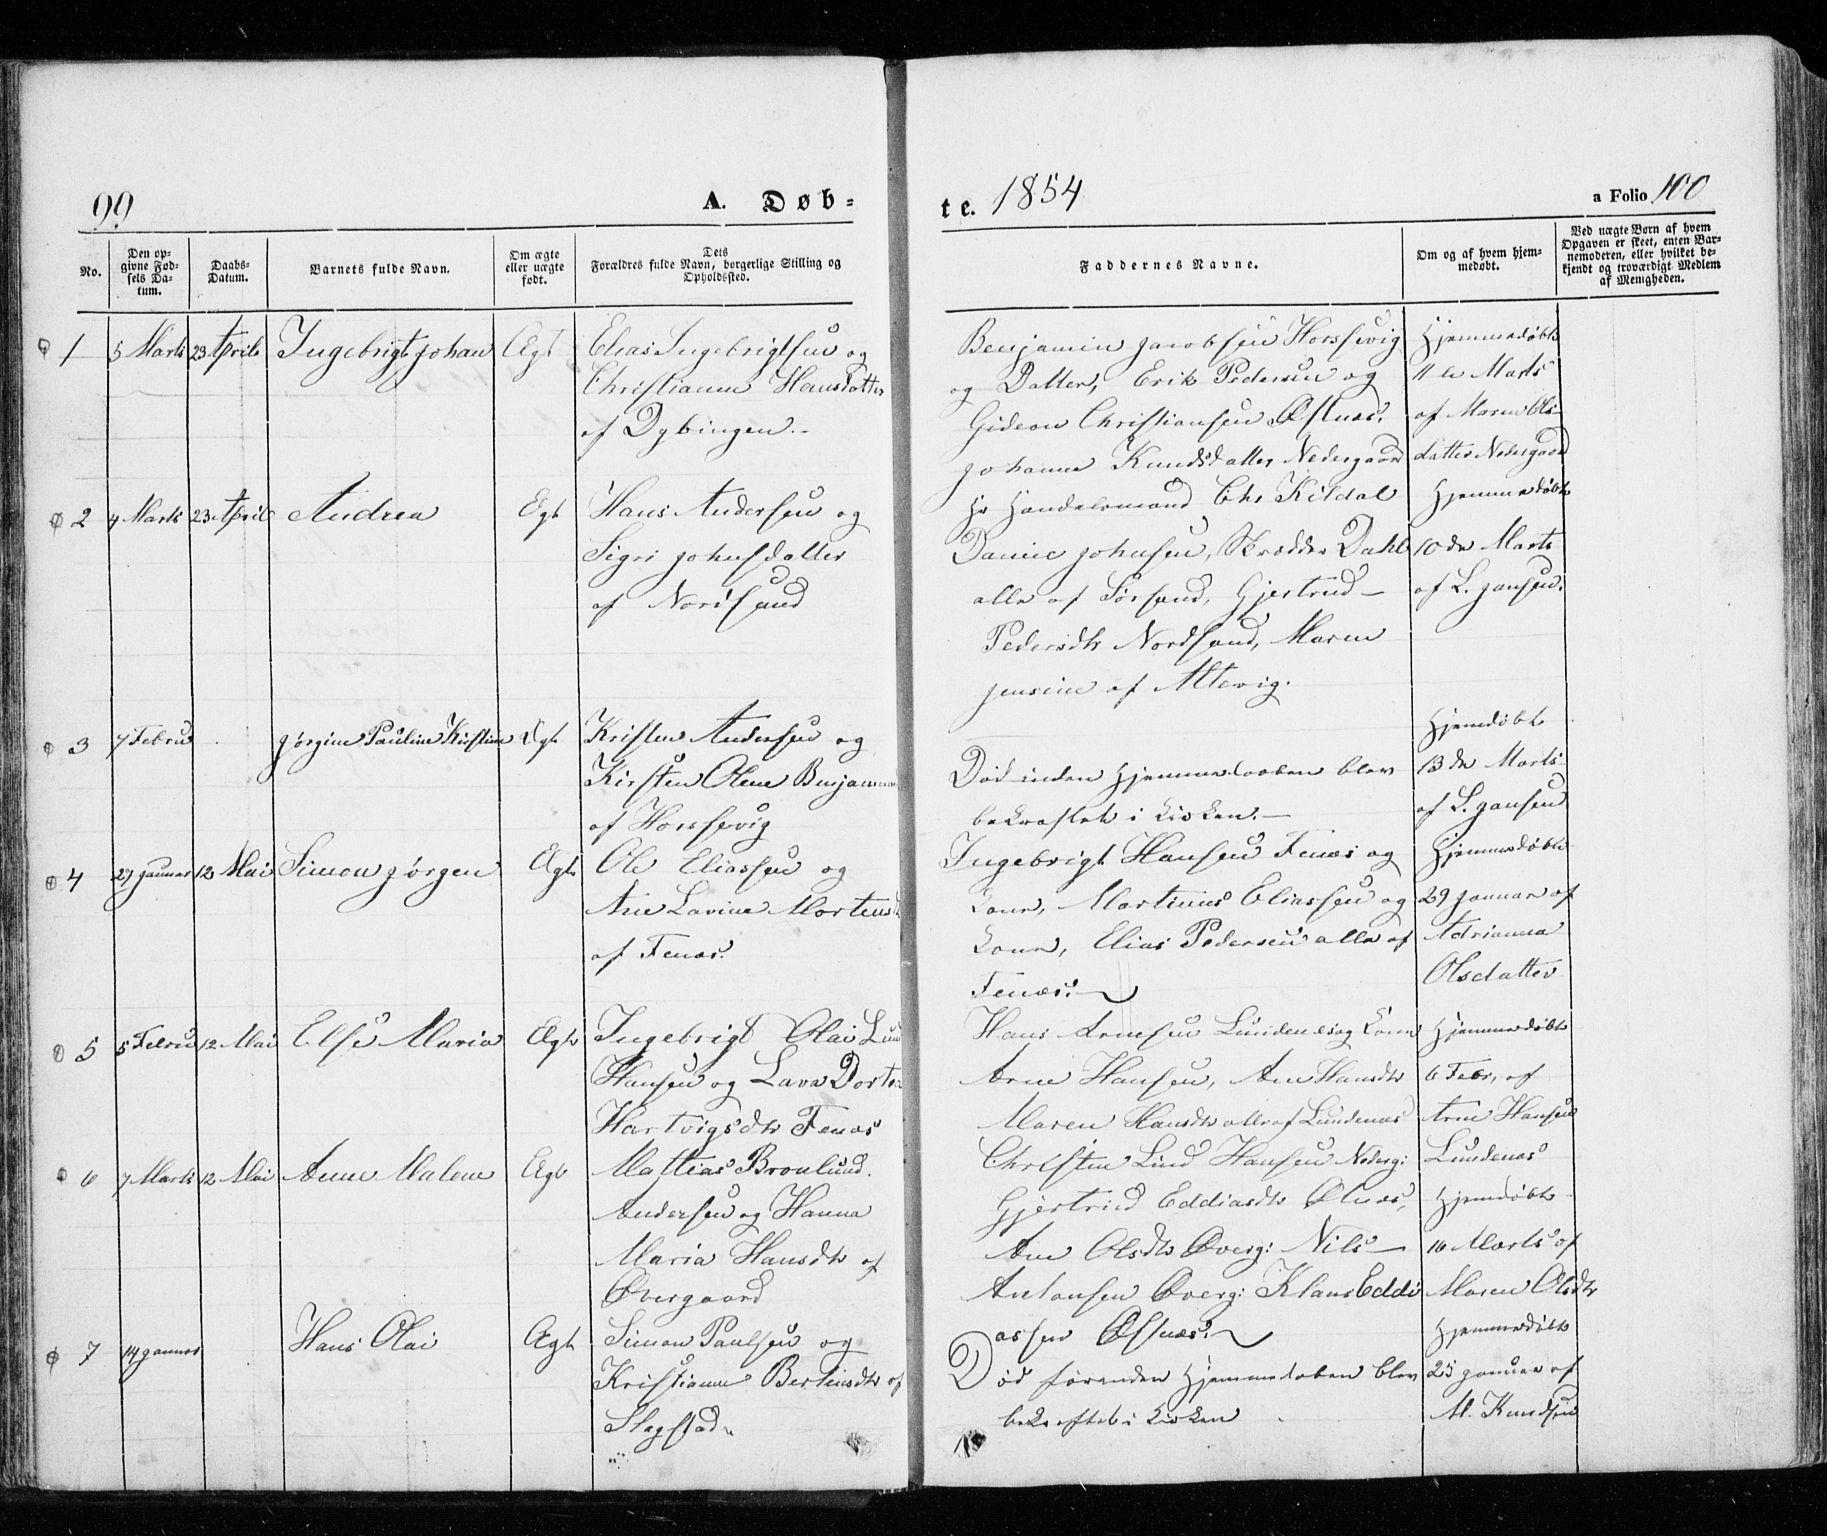 SATØ, Trondenes sokneprestkontor, H/Ha/L0010kirke: Ministerialbok nr. 10, 1840-1865, s. 99-100